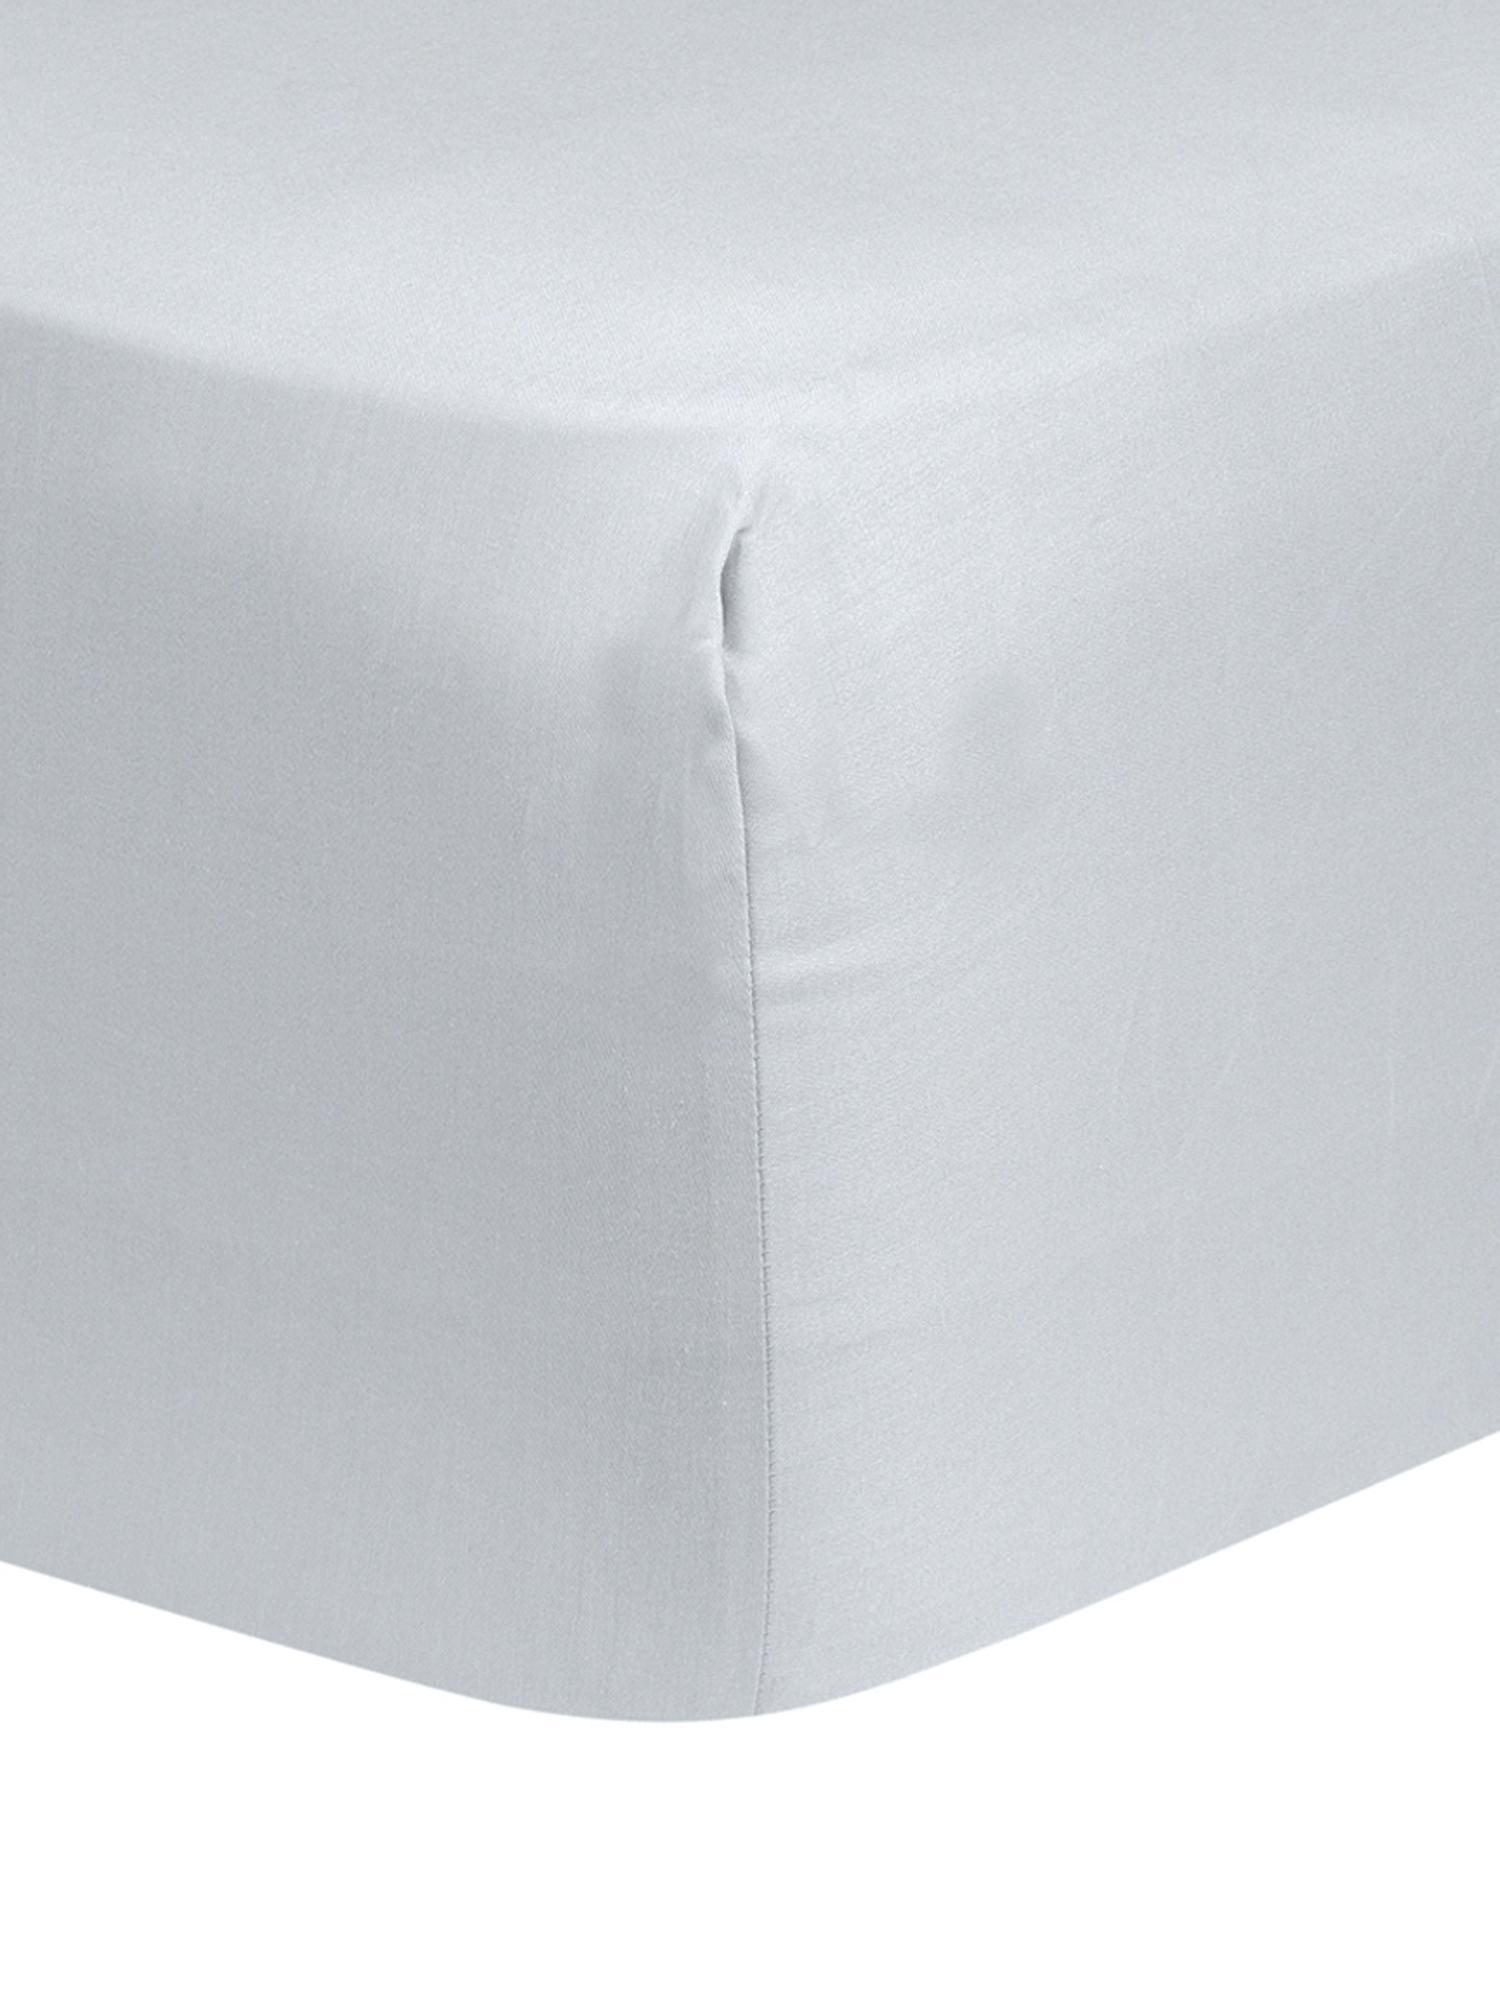 Boxspring-Spannbettlaken Comfort, Baumwollsatin, Webart: Satin, leicht glänzend, Hellgrau, 90 x 200 cm